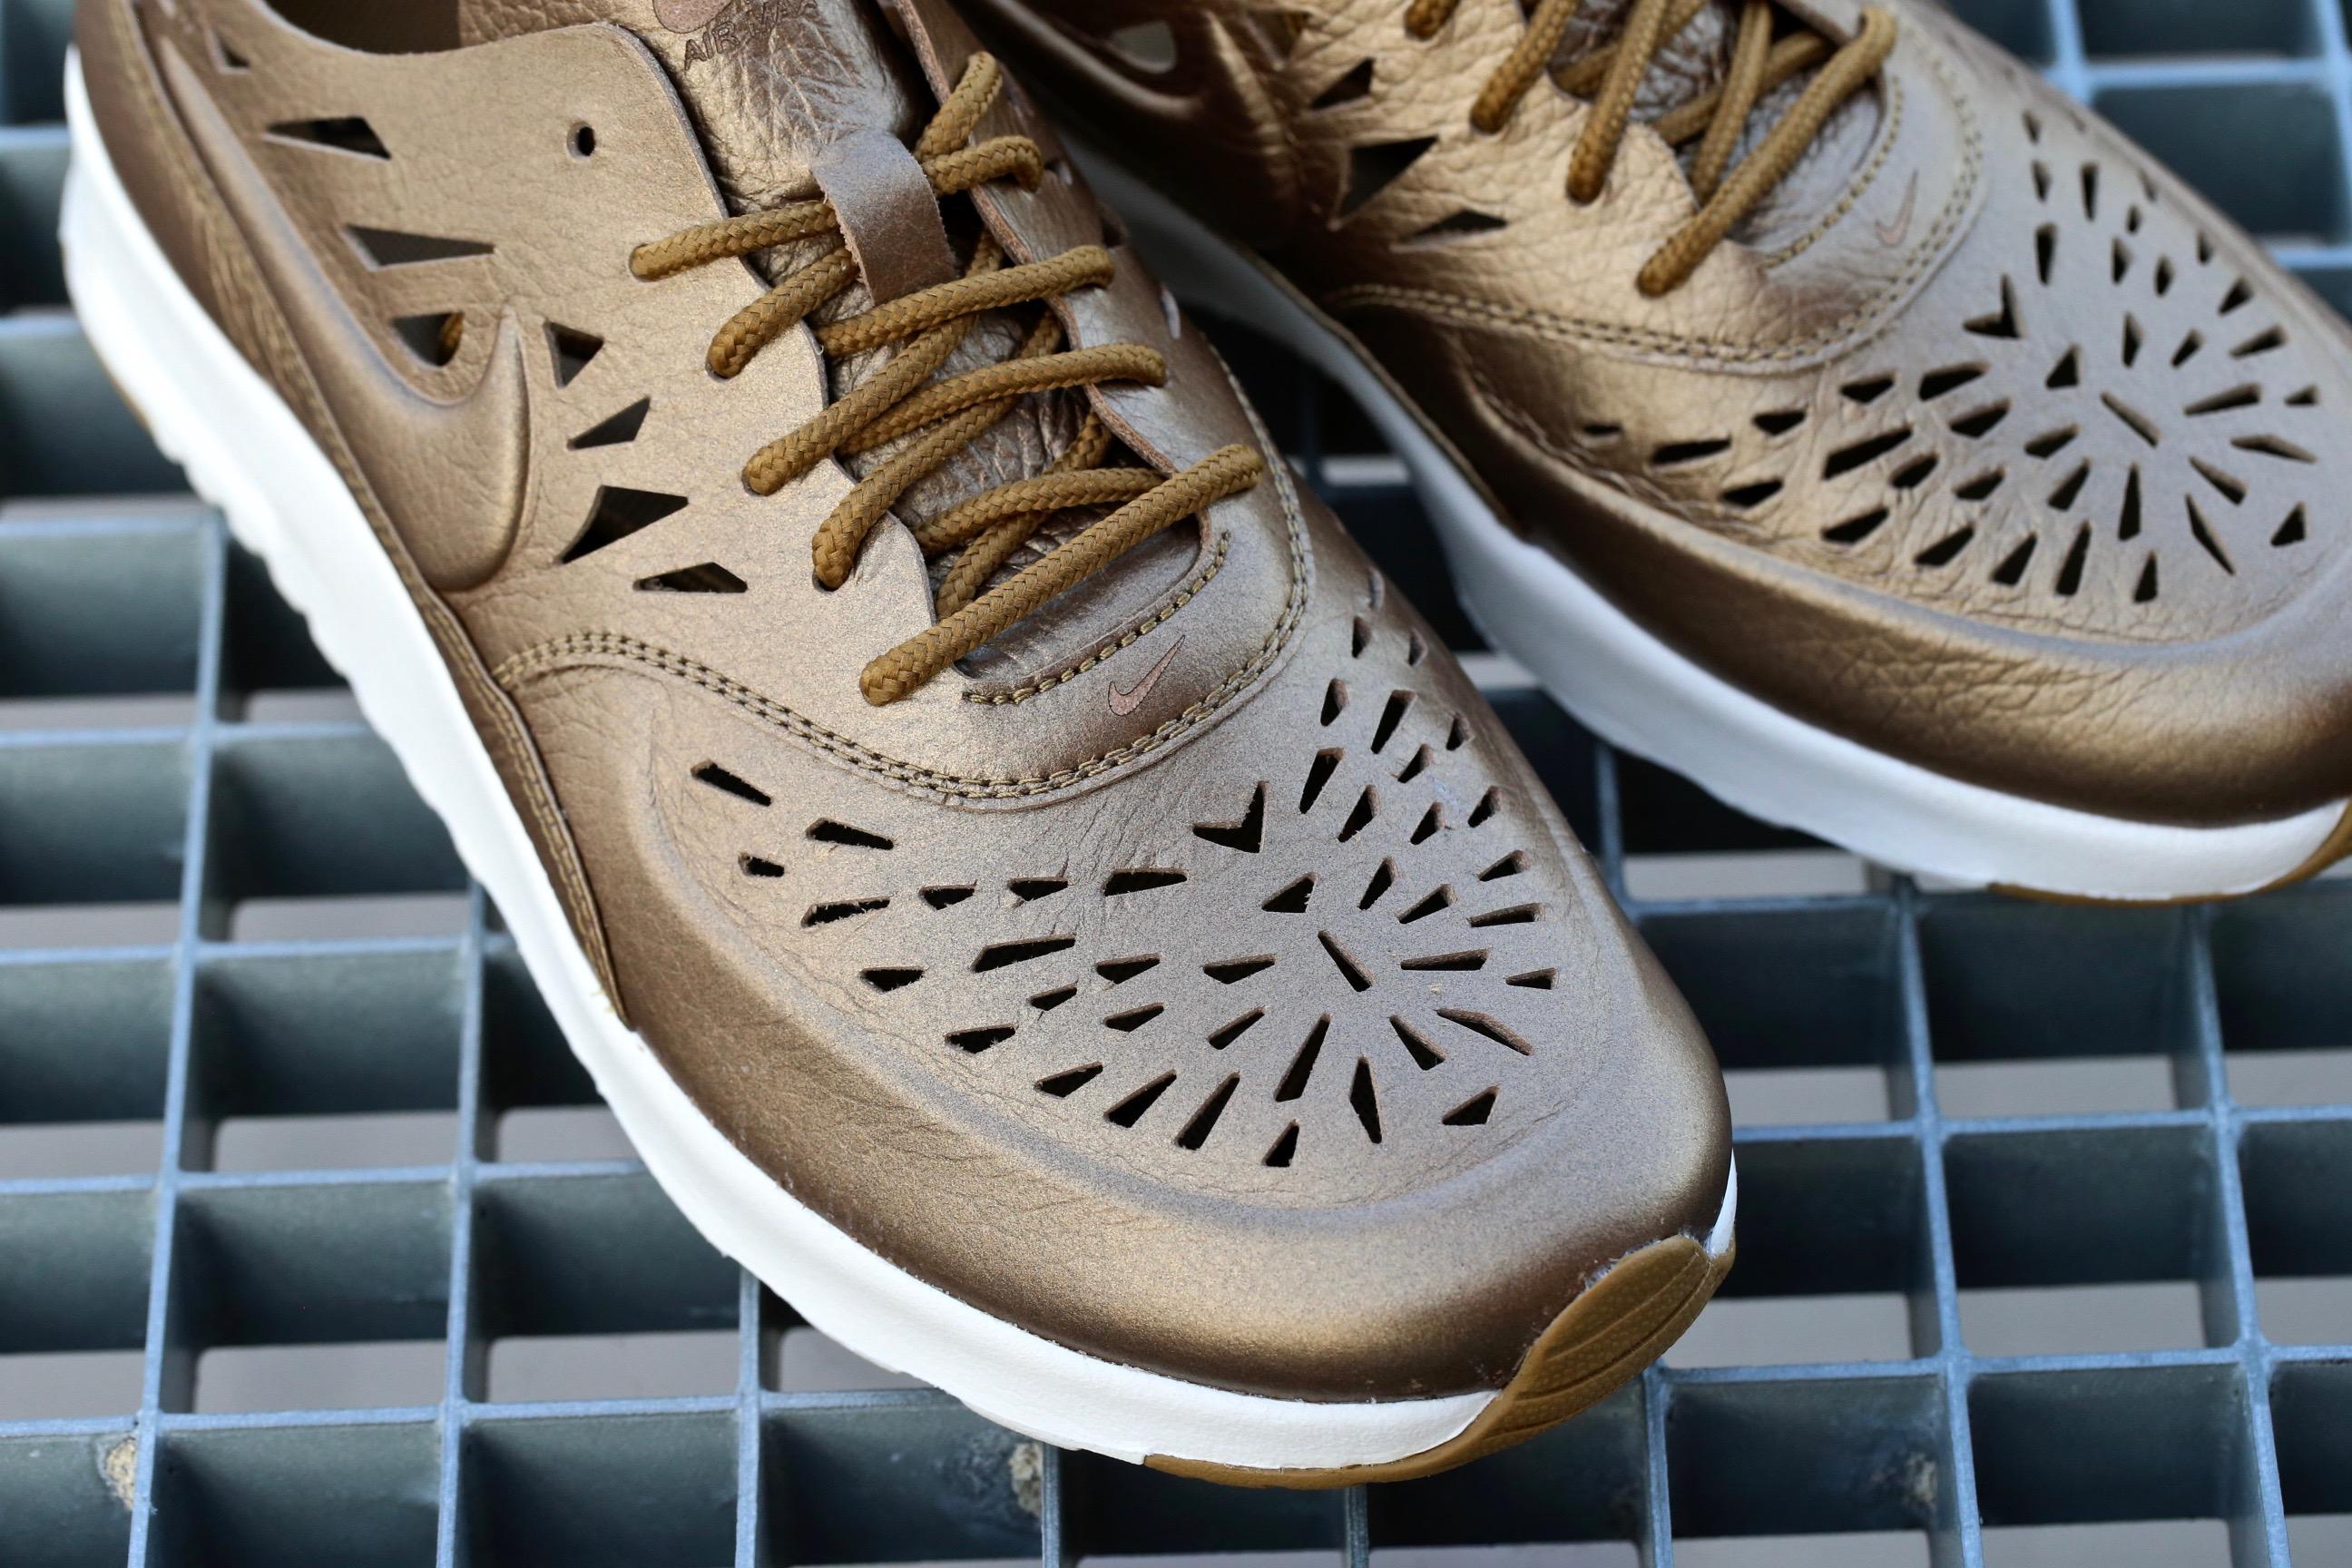 Nike Air Max Thea Joli Metallic Golden Tan Golden Beige Phantom